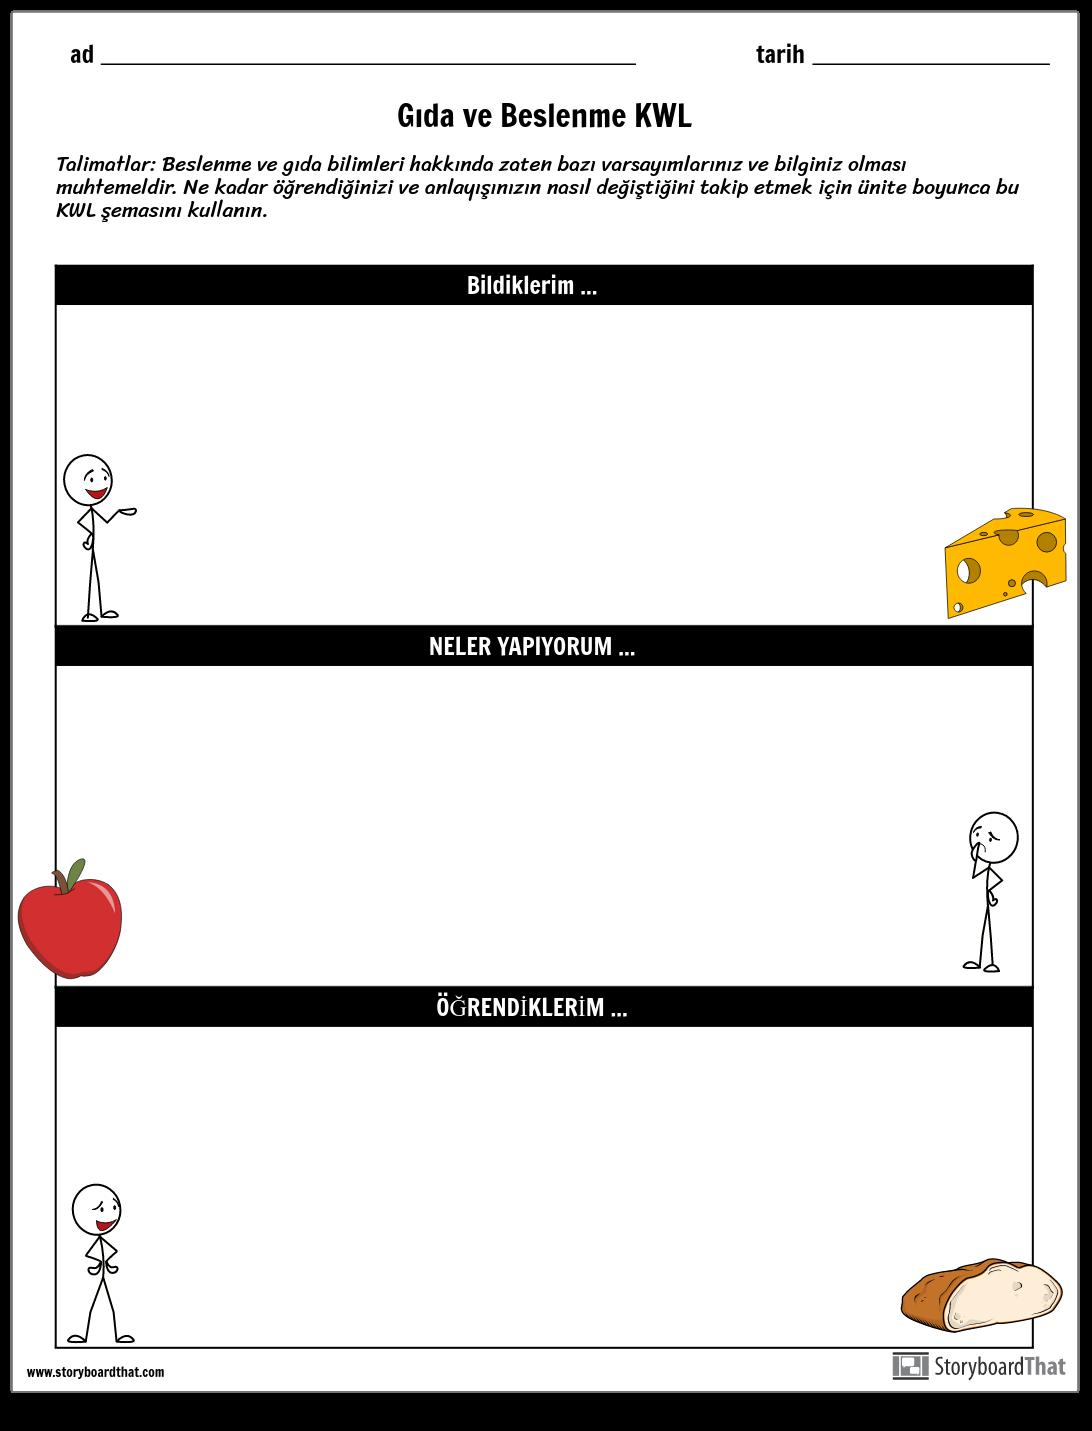 Gıda ve Beslenme KWL Şeması